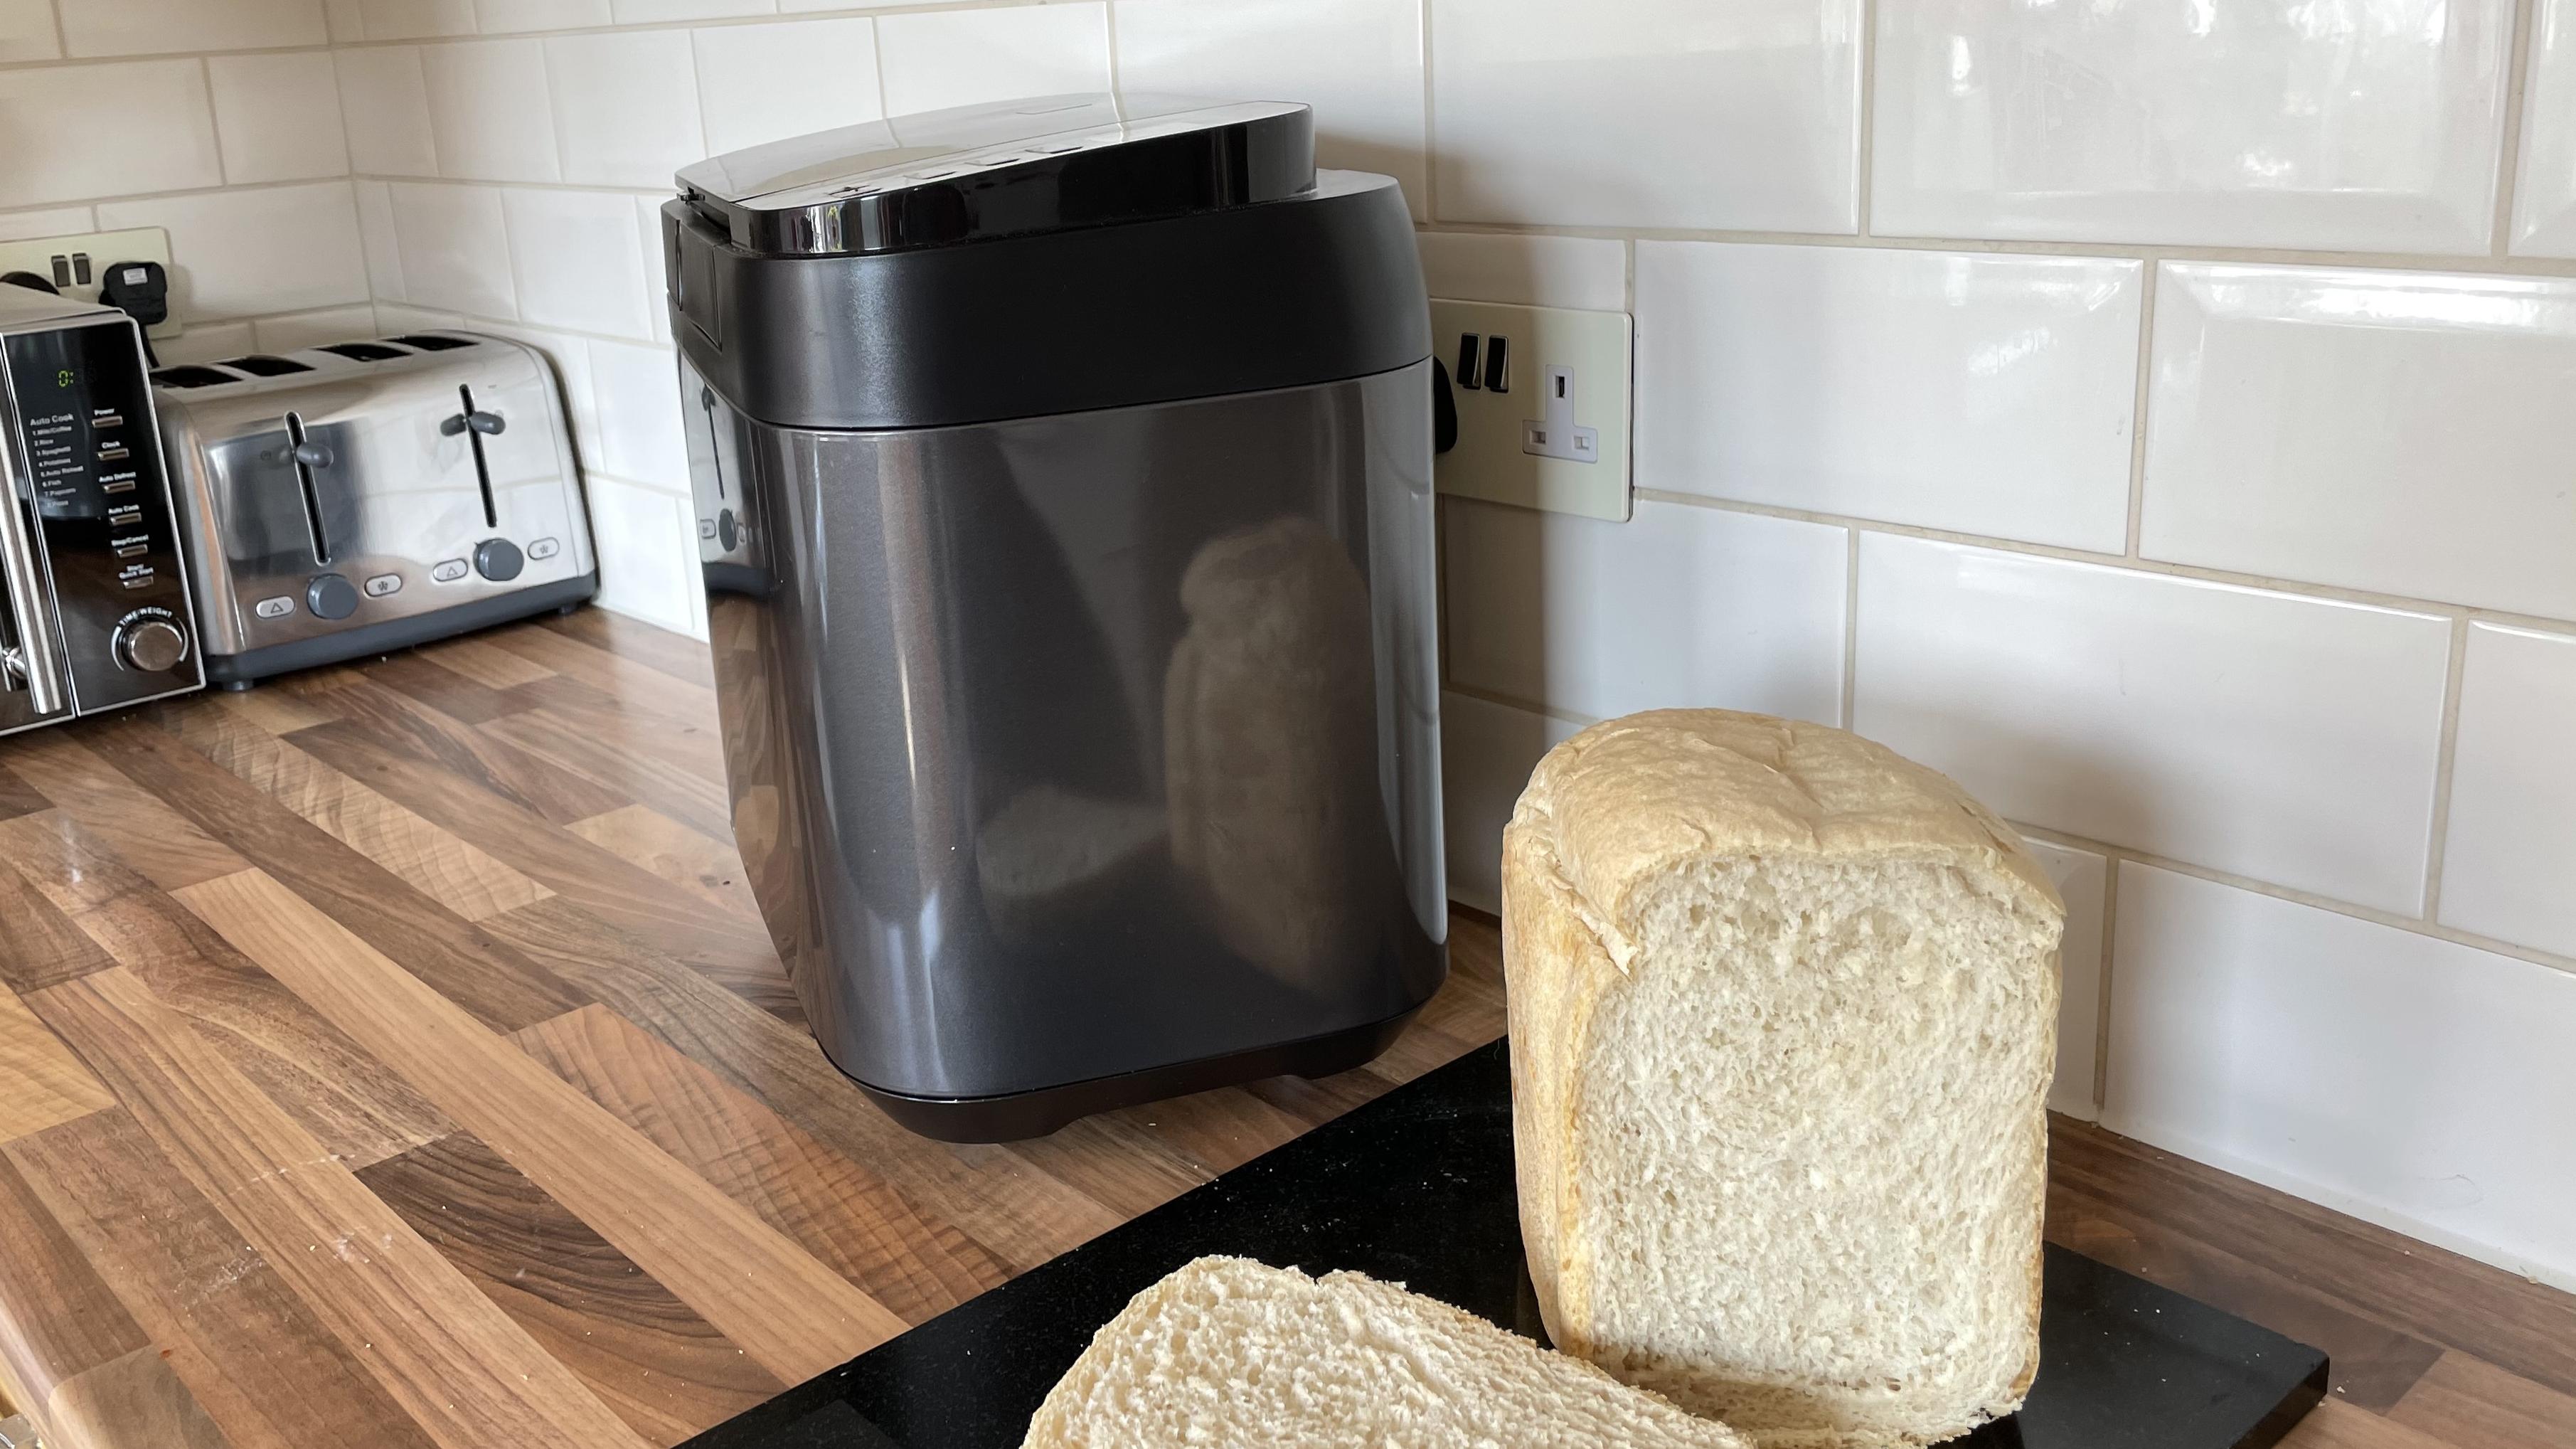 Panasonic SD-YR2540 bread maker